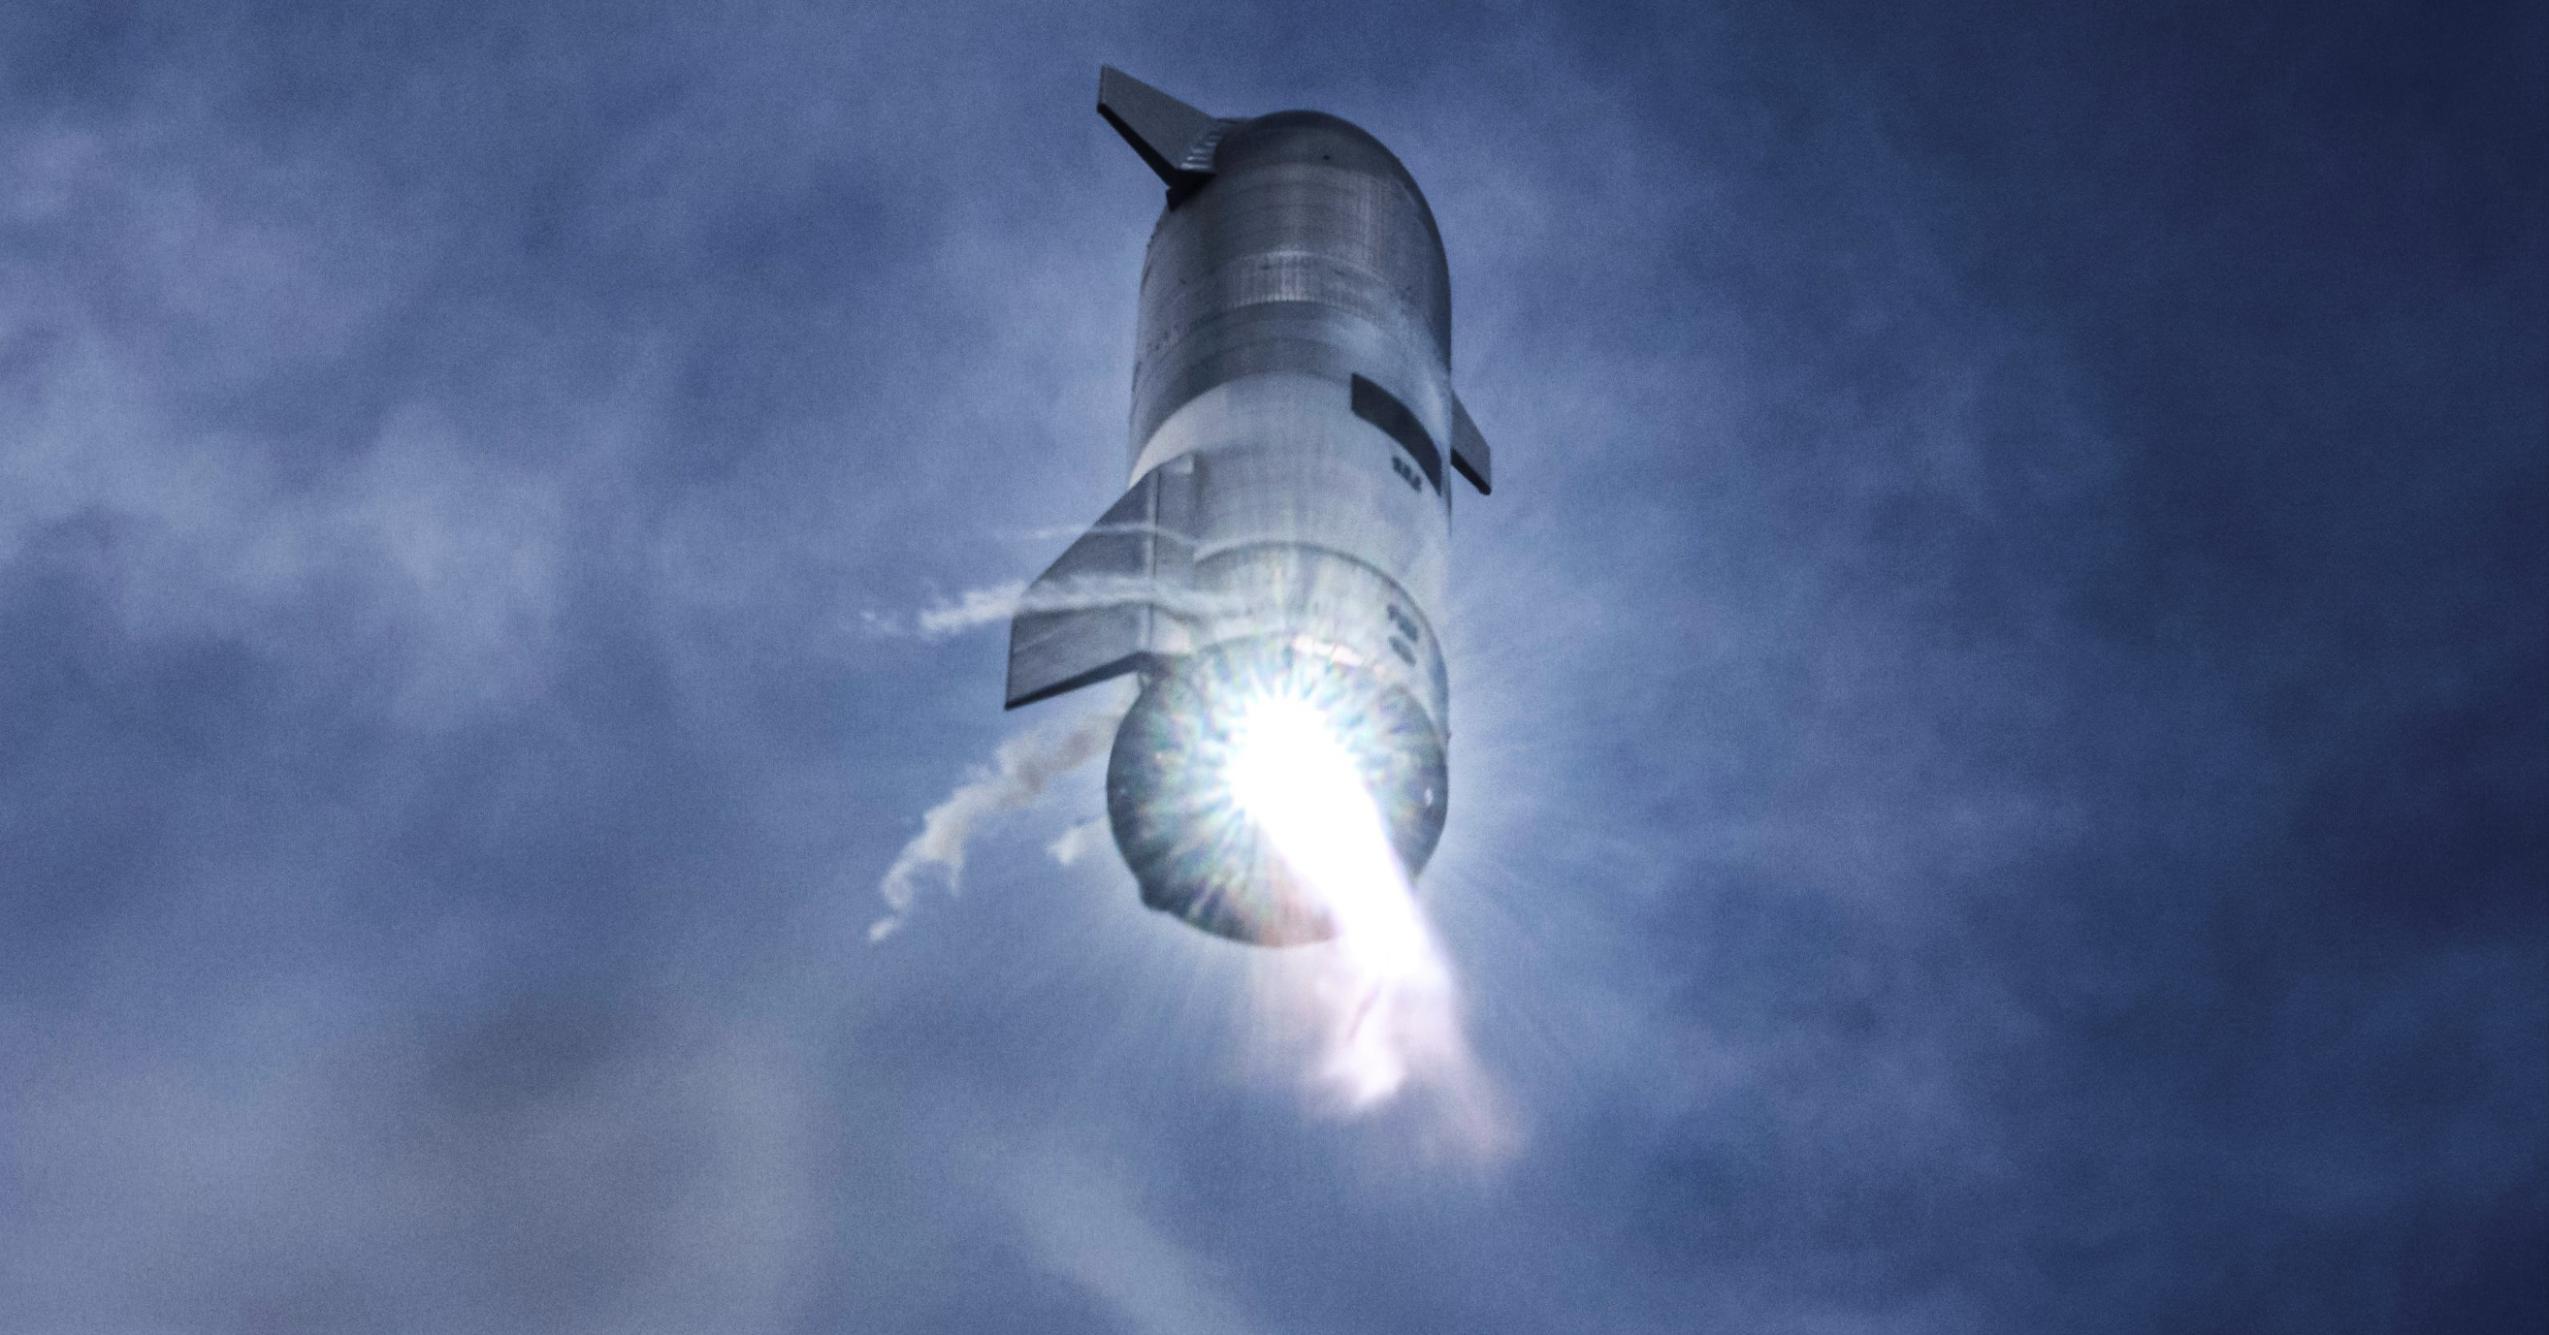 Starship SN10 030221 (SpaceX) flip burn 2 crop 2 (c)